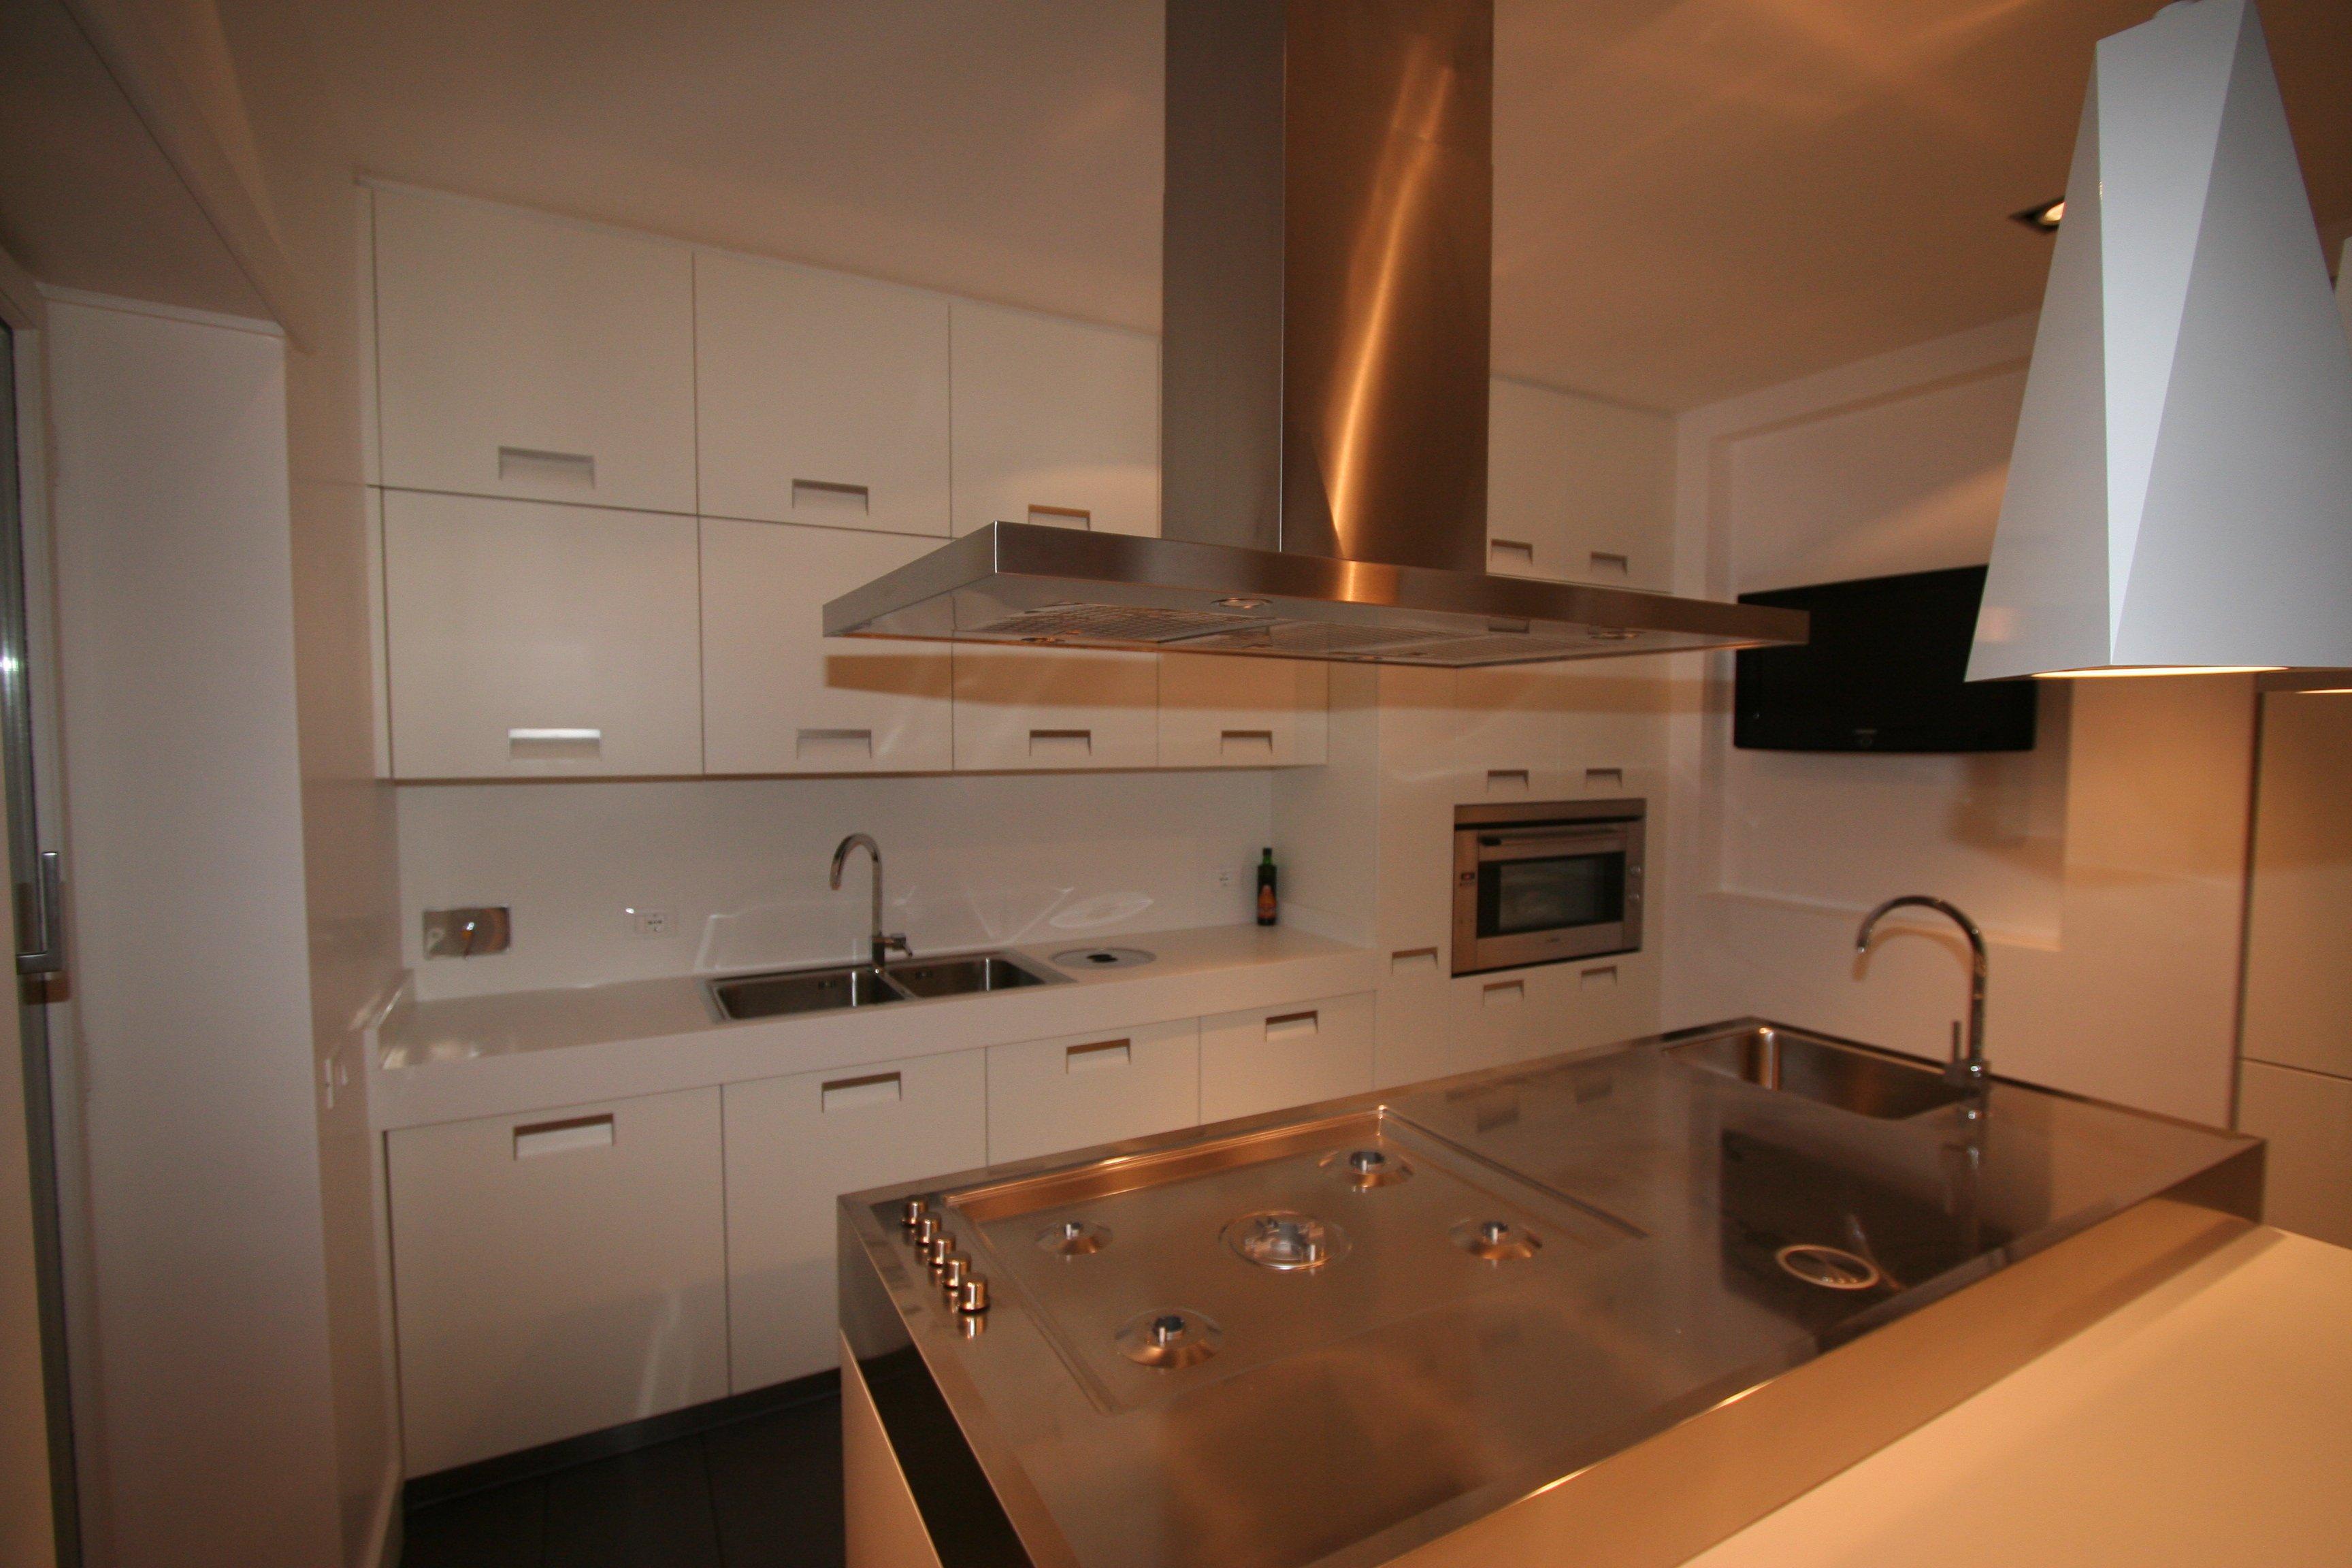 Via Ugo Balzani La Cucina Cucina Foto 5 Passaggio Tra Mobili E  #A36528 3456 2304 Cucina In Controsoffitto